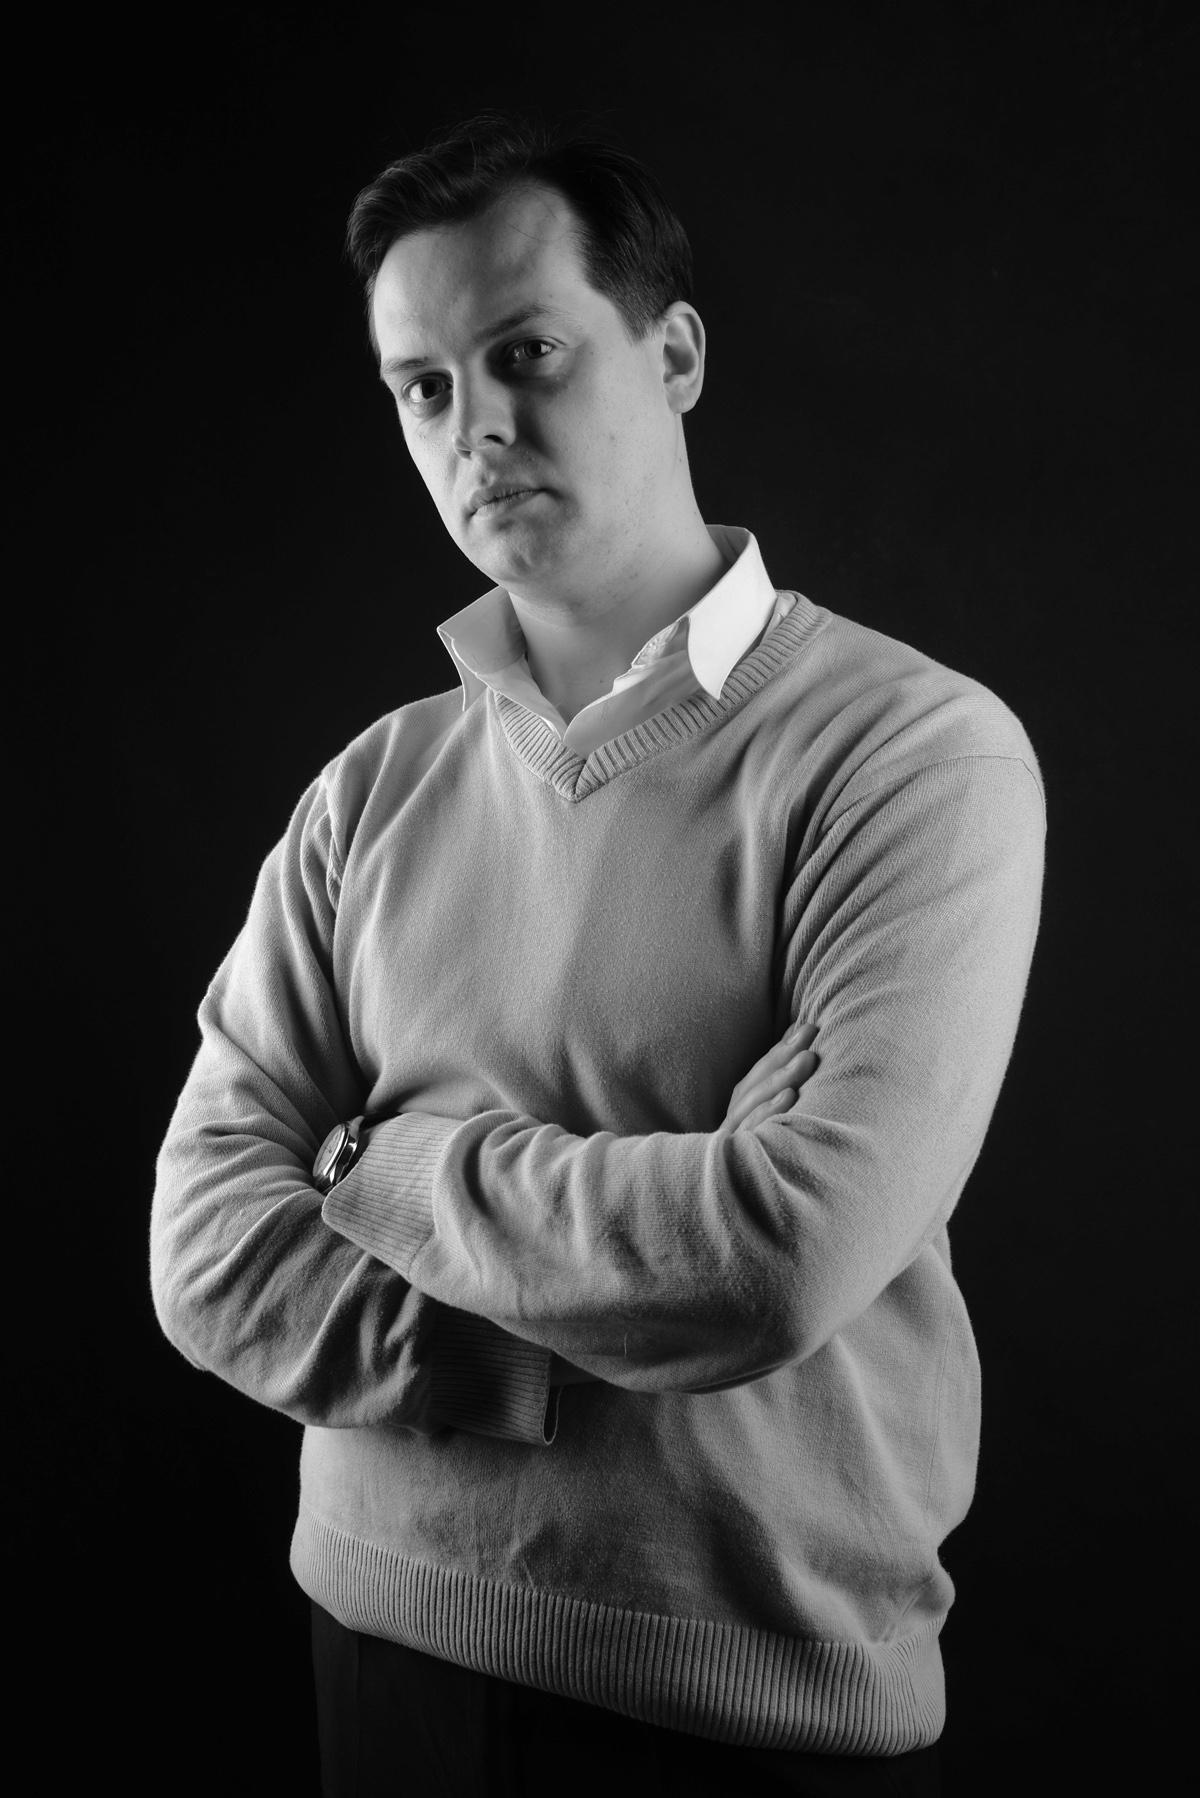 мужской портрет: красивые фотографии мужчин в студии. Черно-белые фотографии